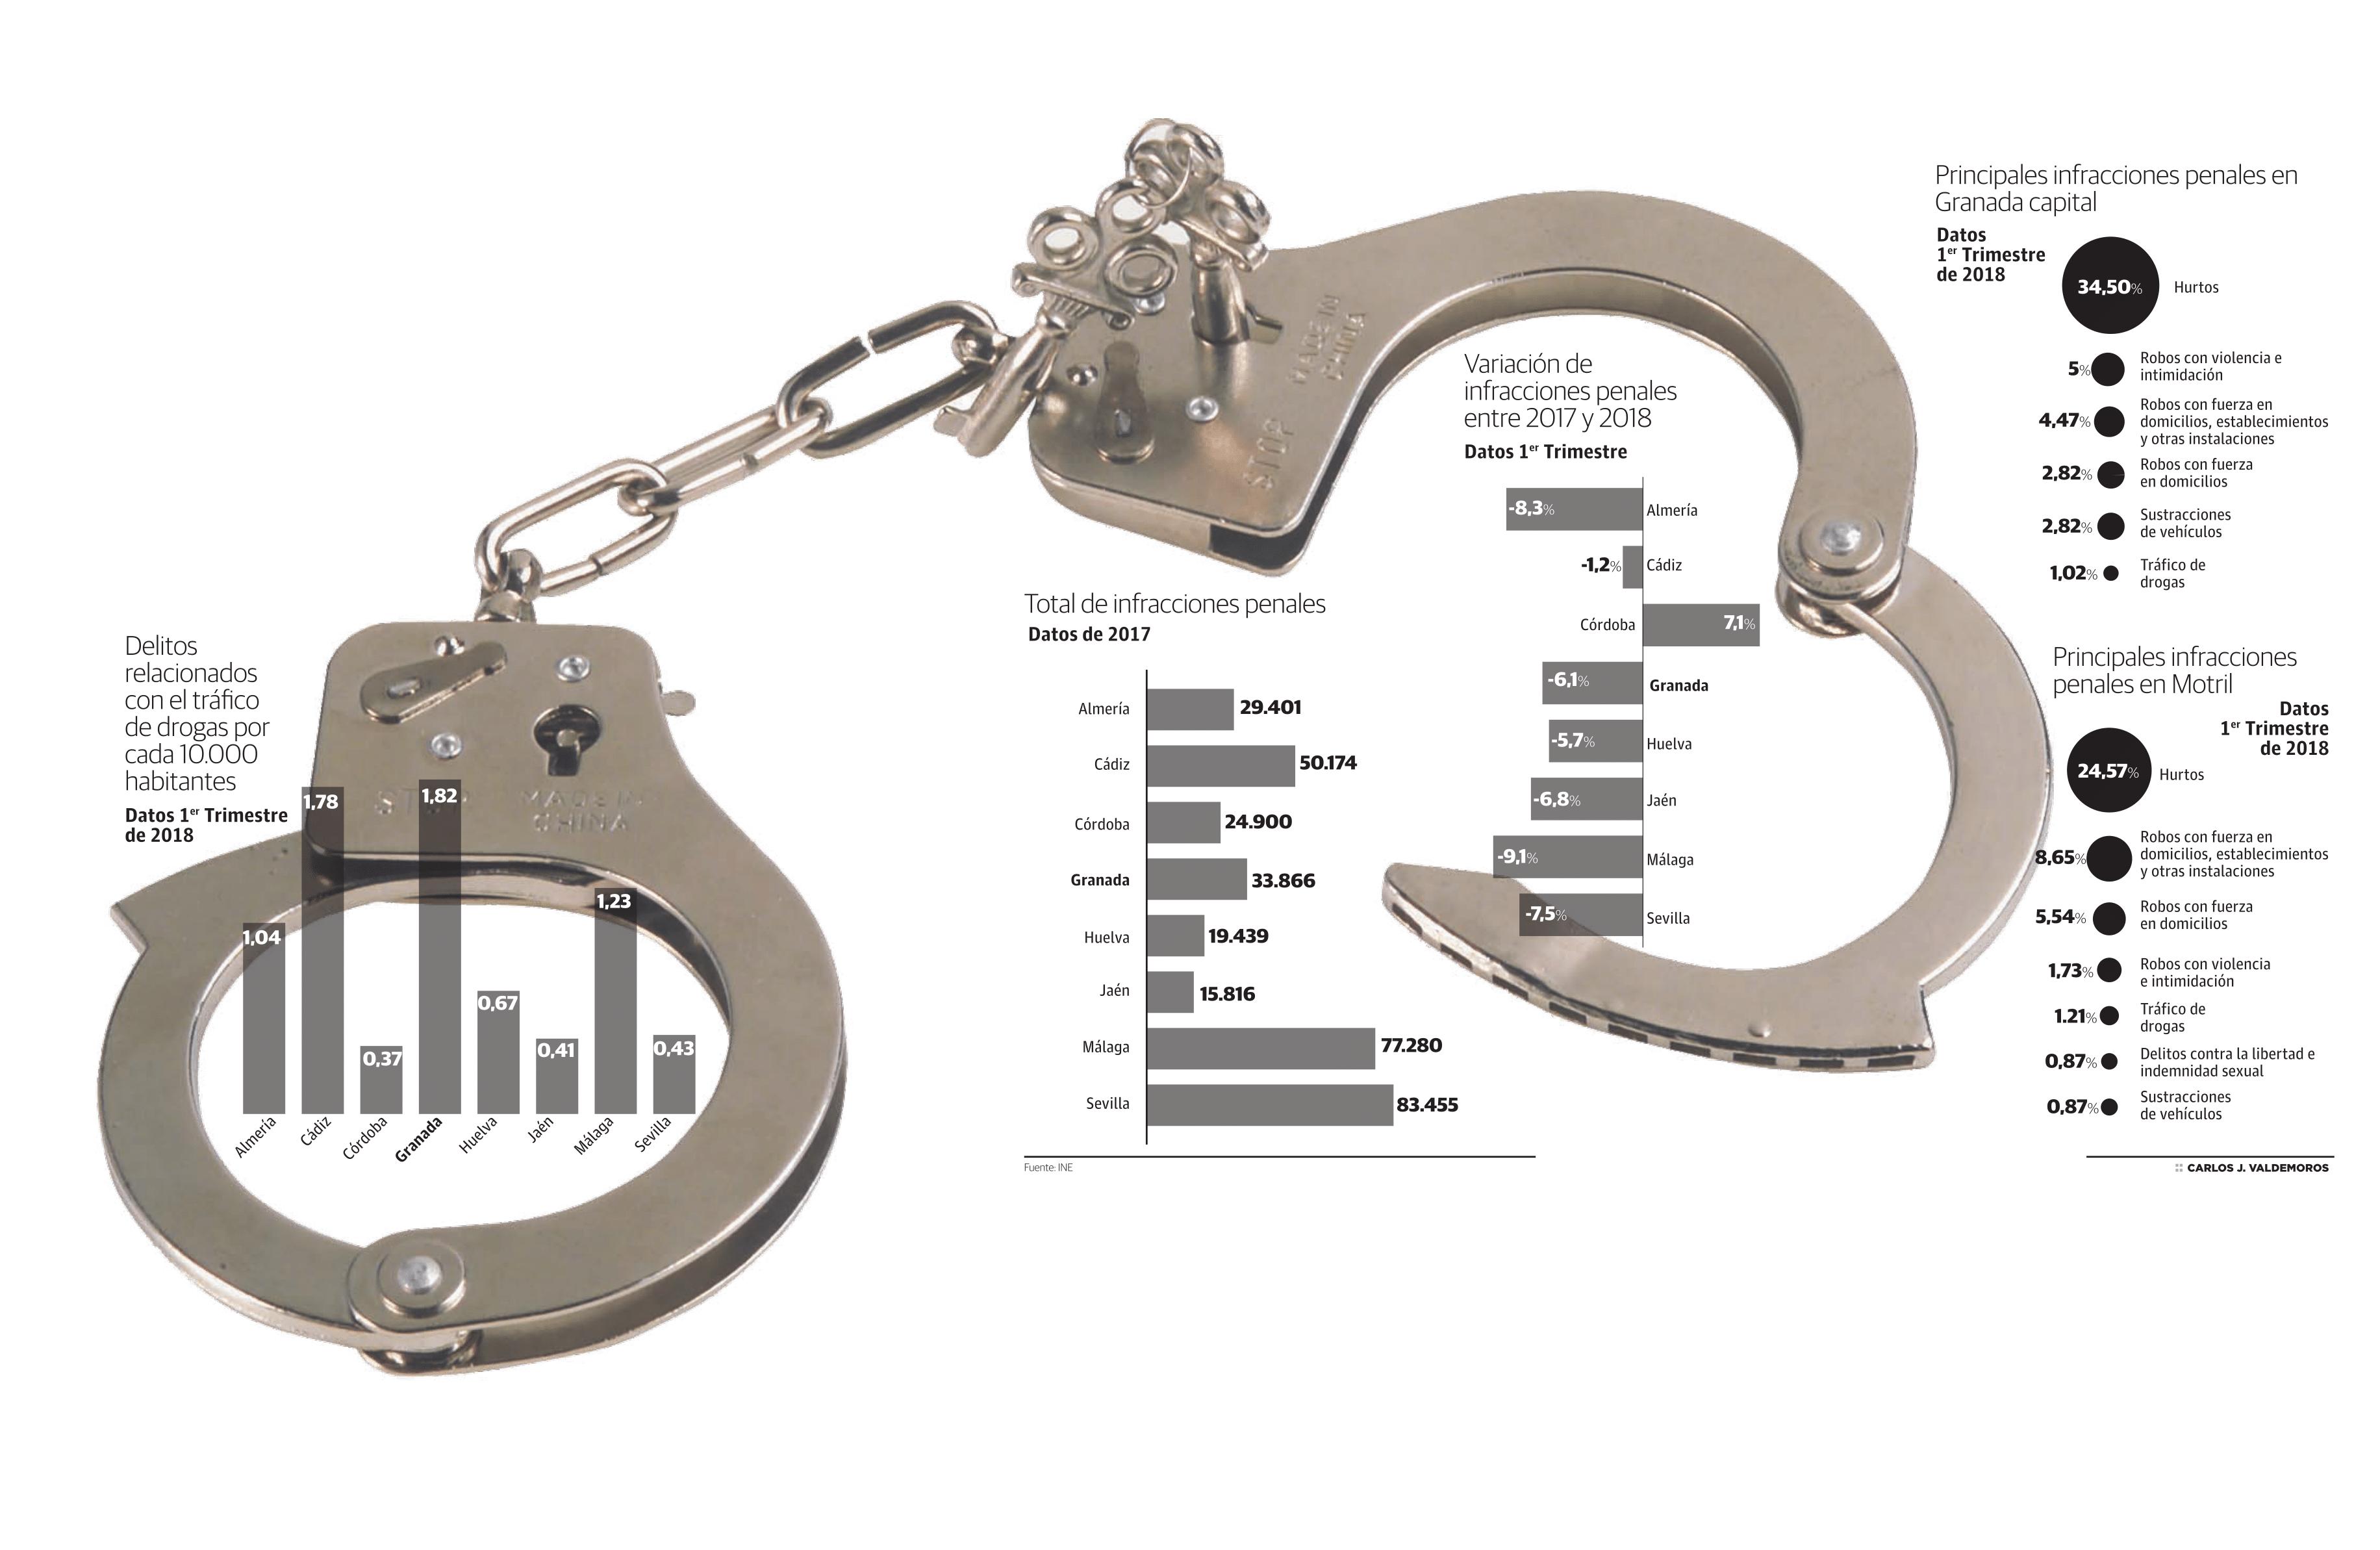 Delitos relacionados con el tráfico de drogas por cada 10.000 habitantes